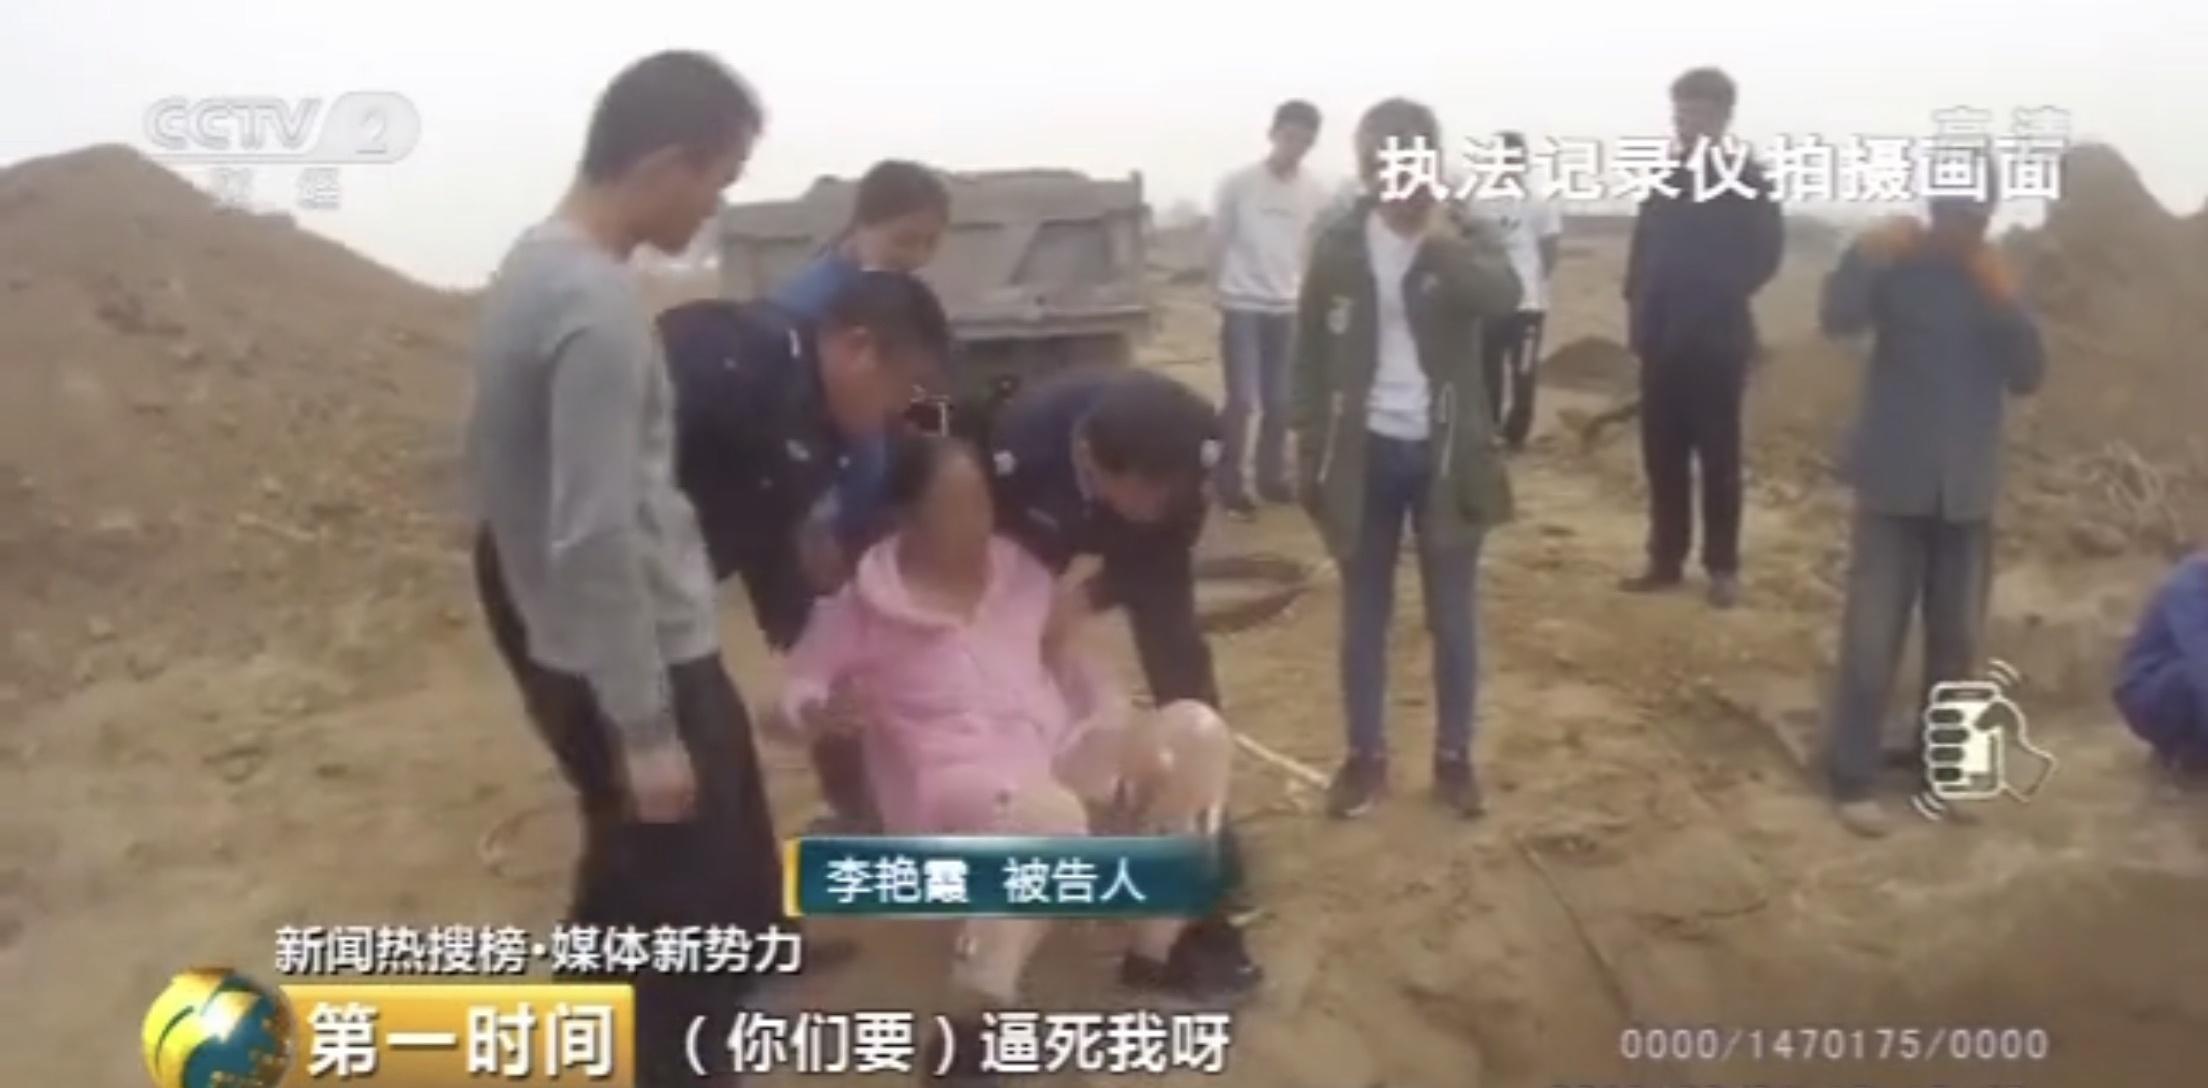 爱心妈妈李艳霞一审获刑20年!慈善绝不是作恶的理由